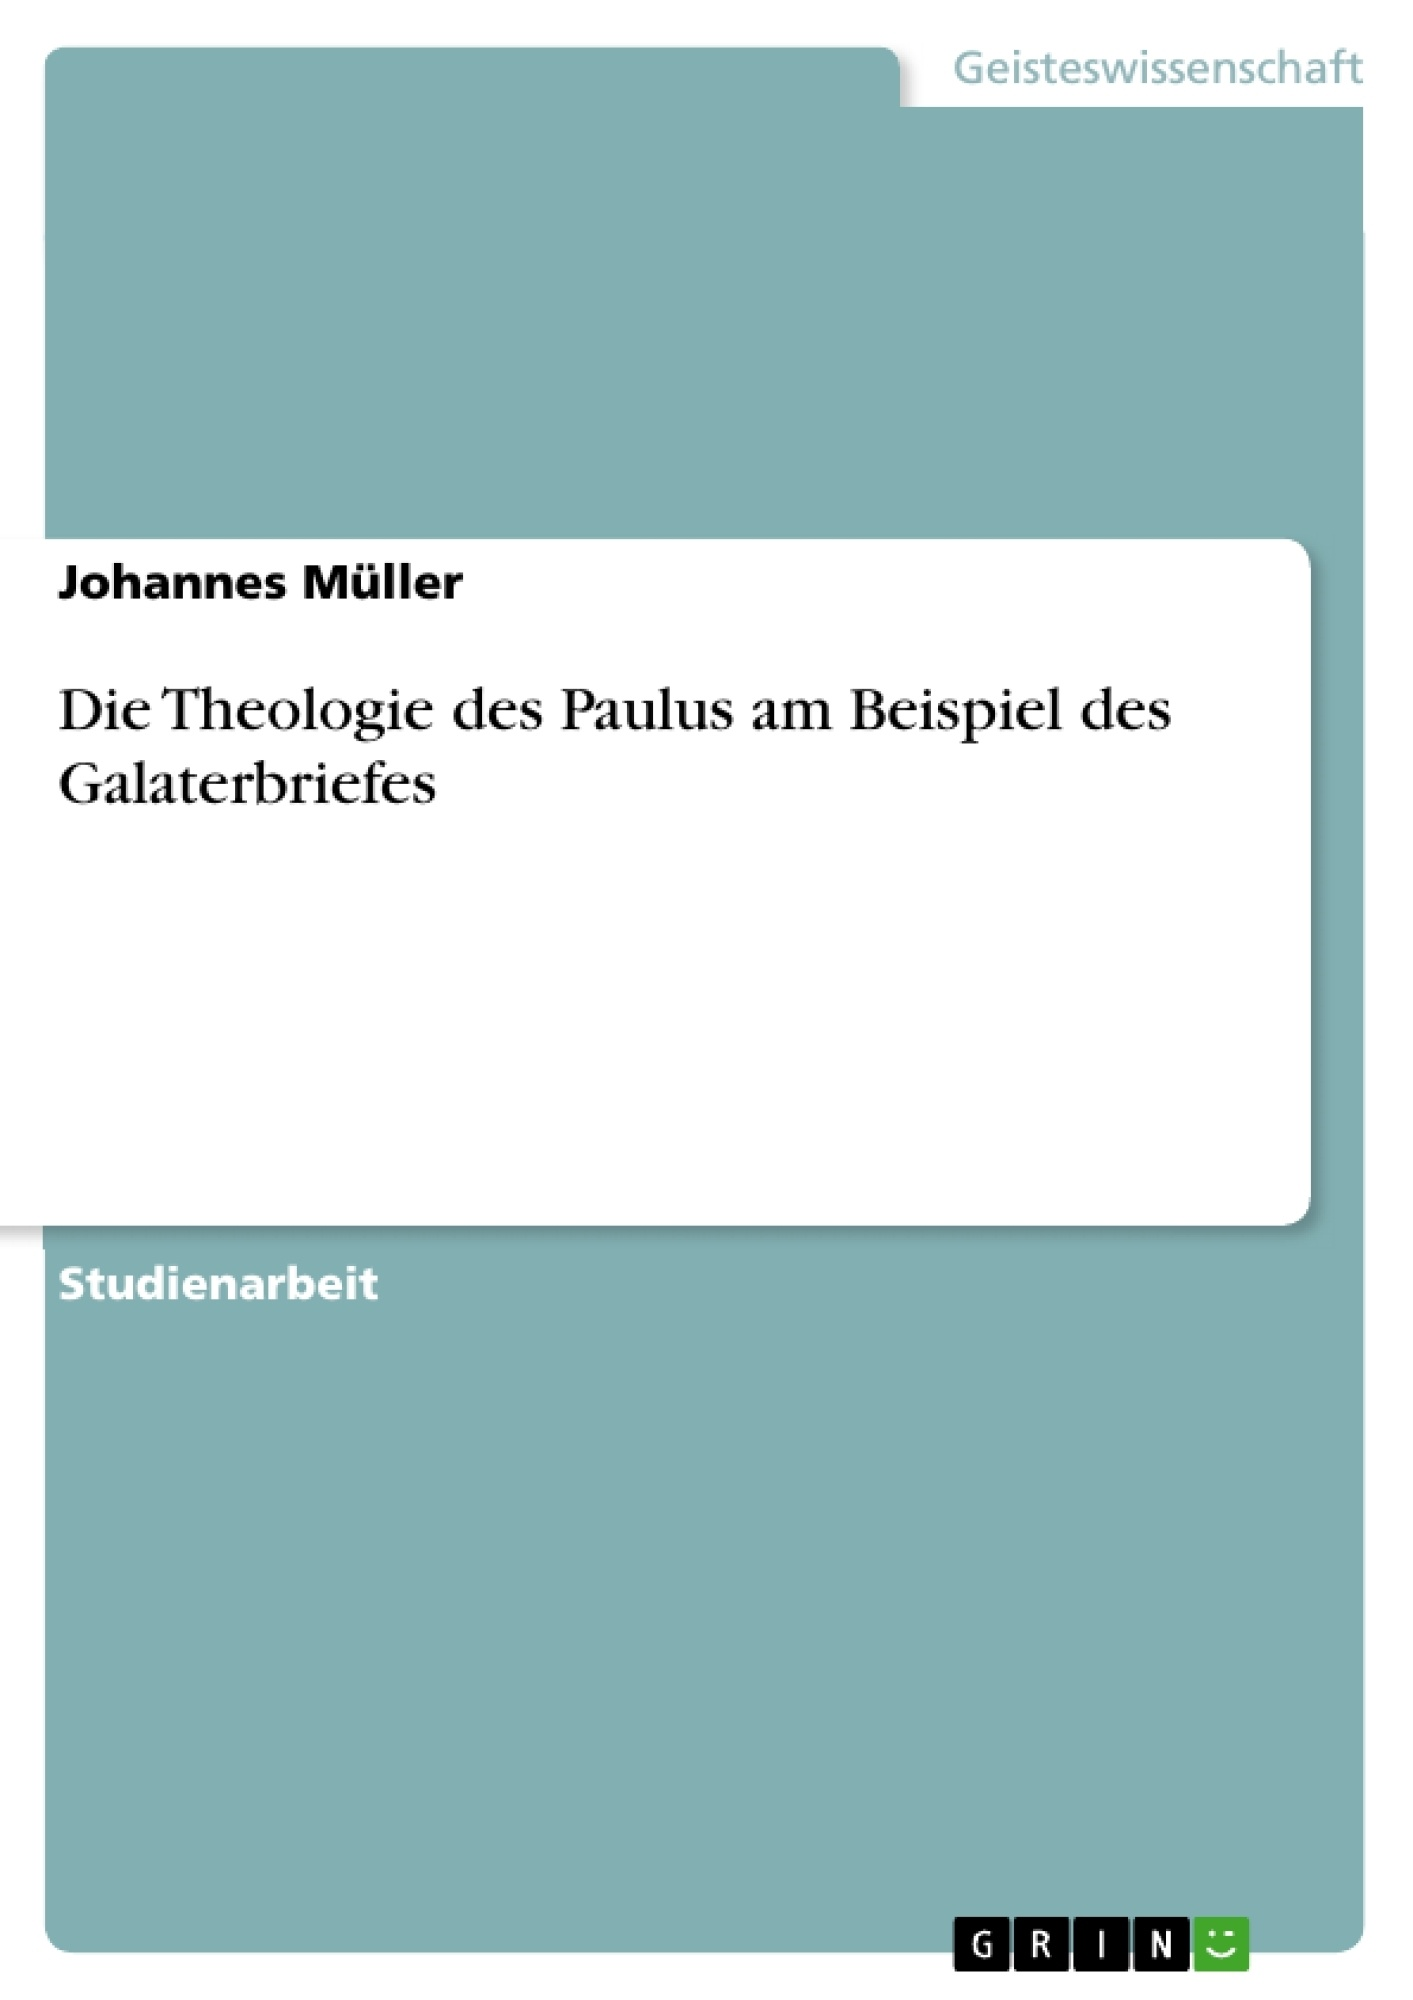 Titel: Die Theologie des Paulus am Beispiel des Galaterbriefes